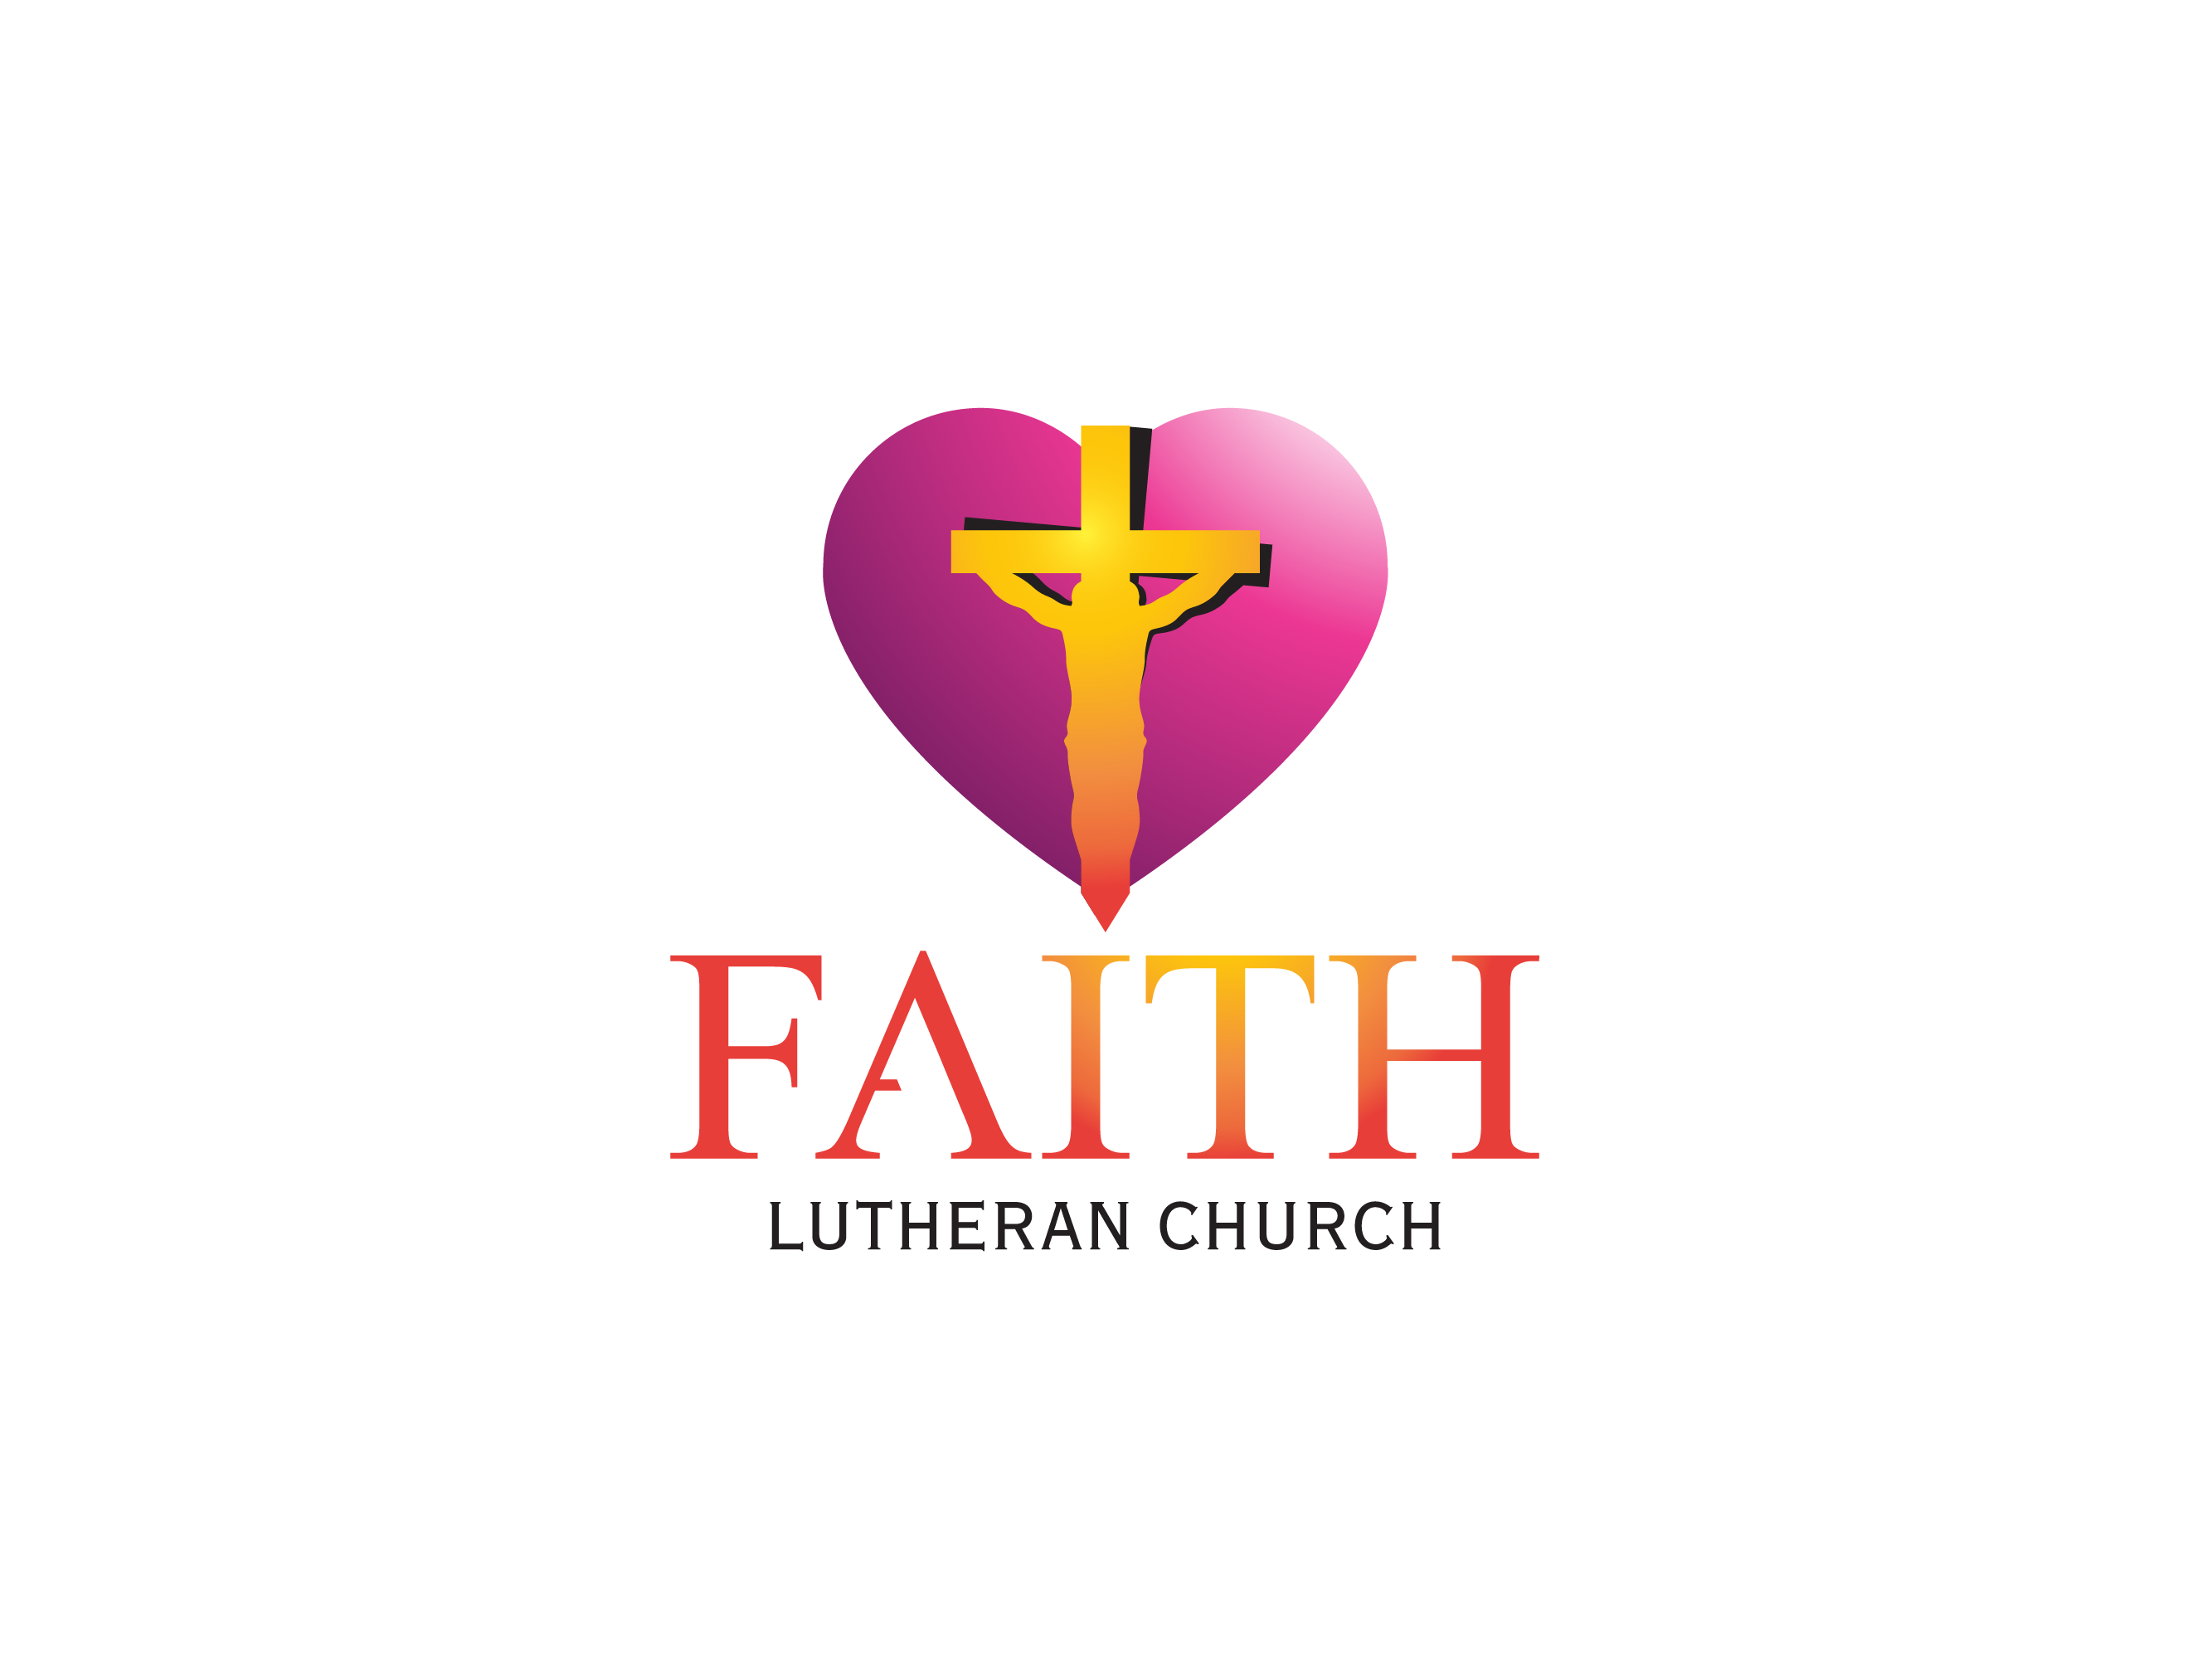 Logo Design by Probir Ghosh - Entry No. 217 in the Logo Design Contest Logo Design for Faith Lutheran Church.